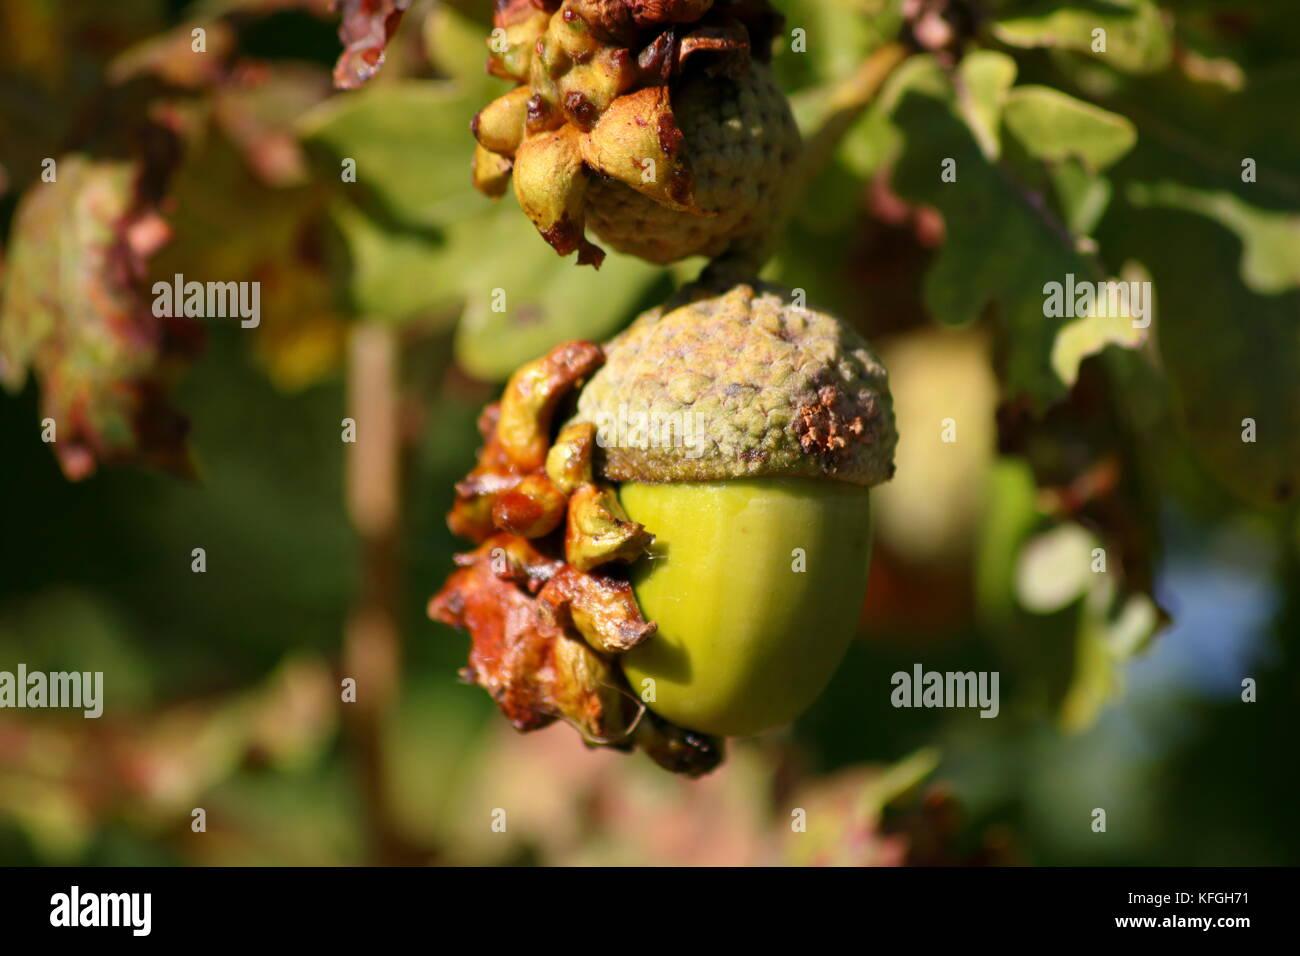 Eichel mit Galle, pflanzengall Wucherung Stockfoto, Bild